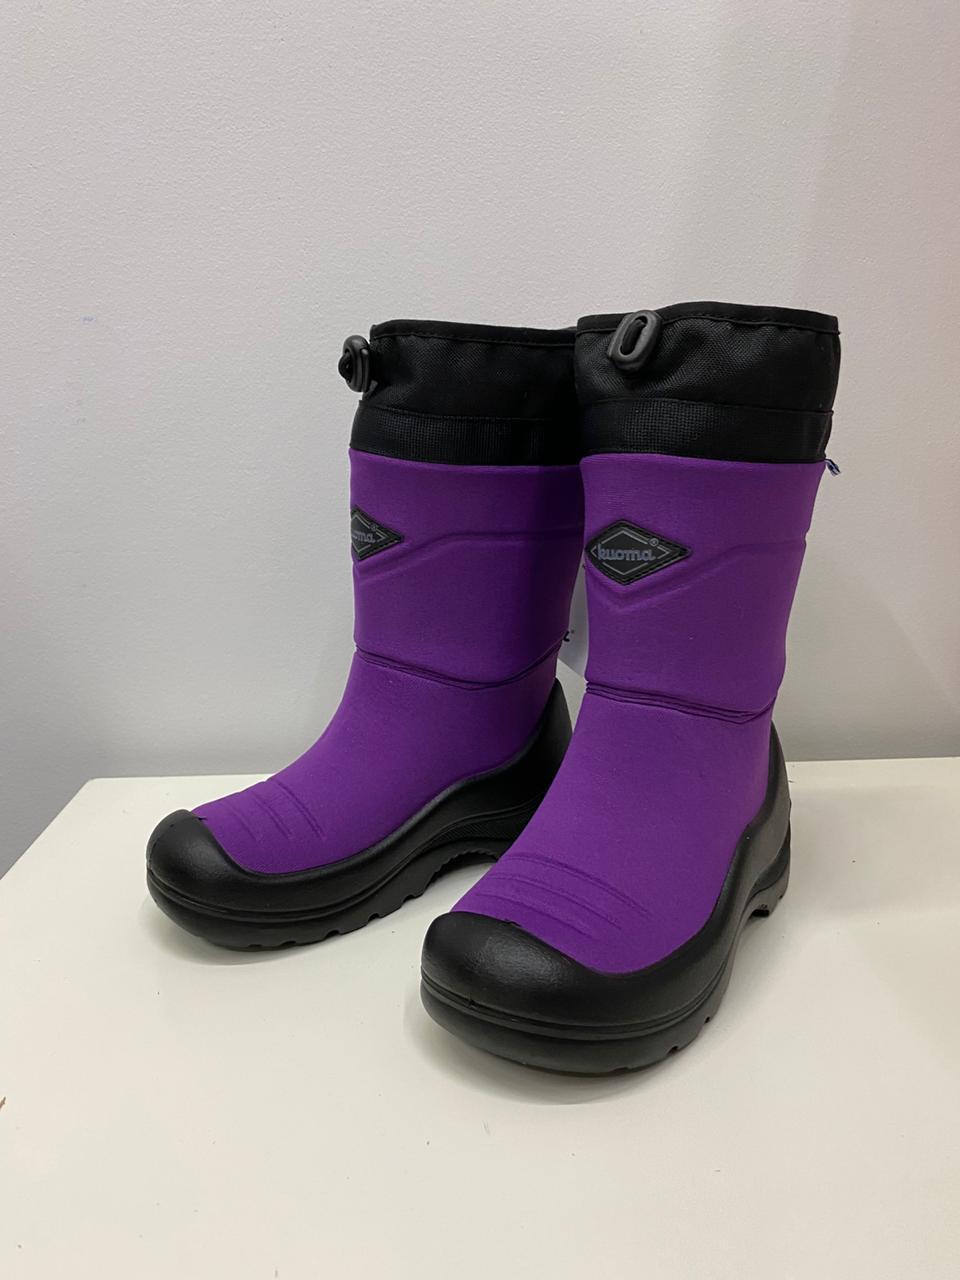 Обувь взрослая Snow snowlock, Amethyst